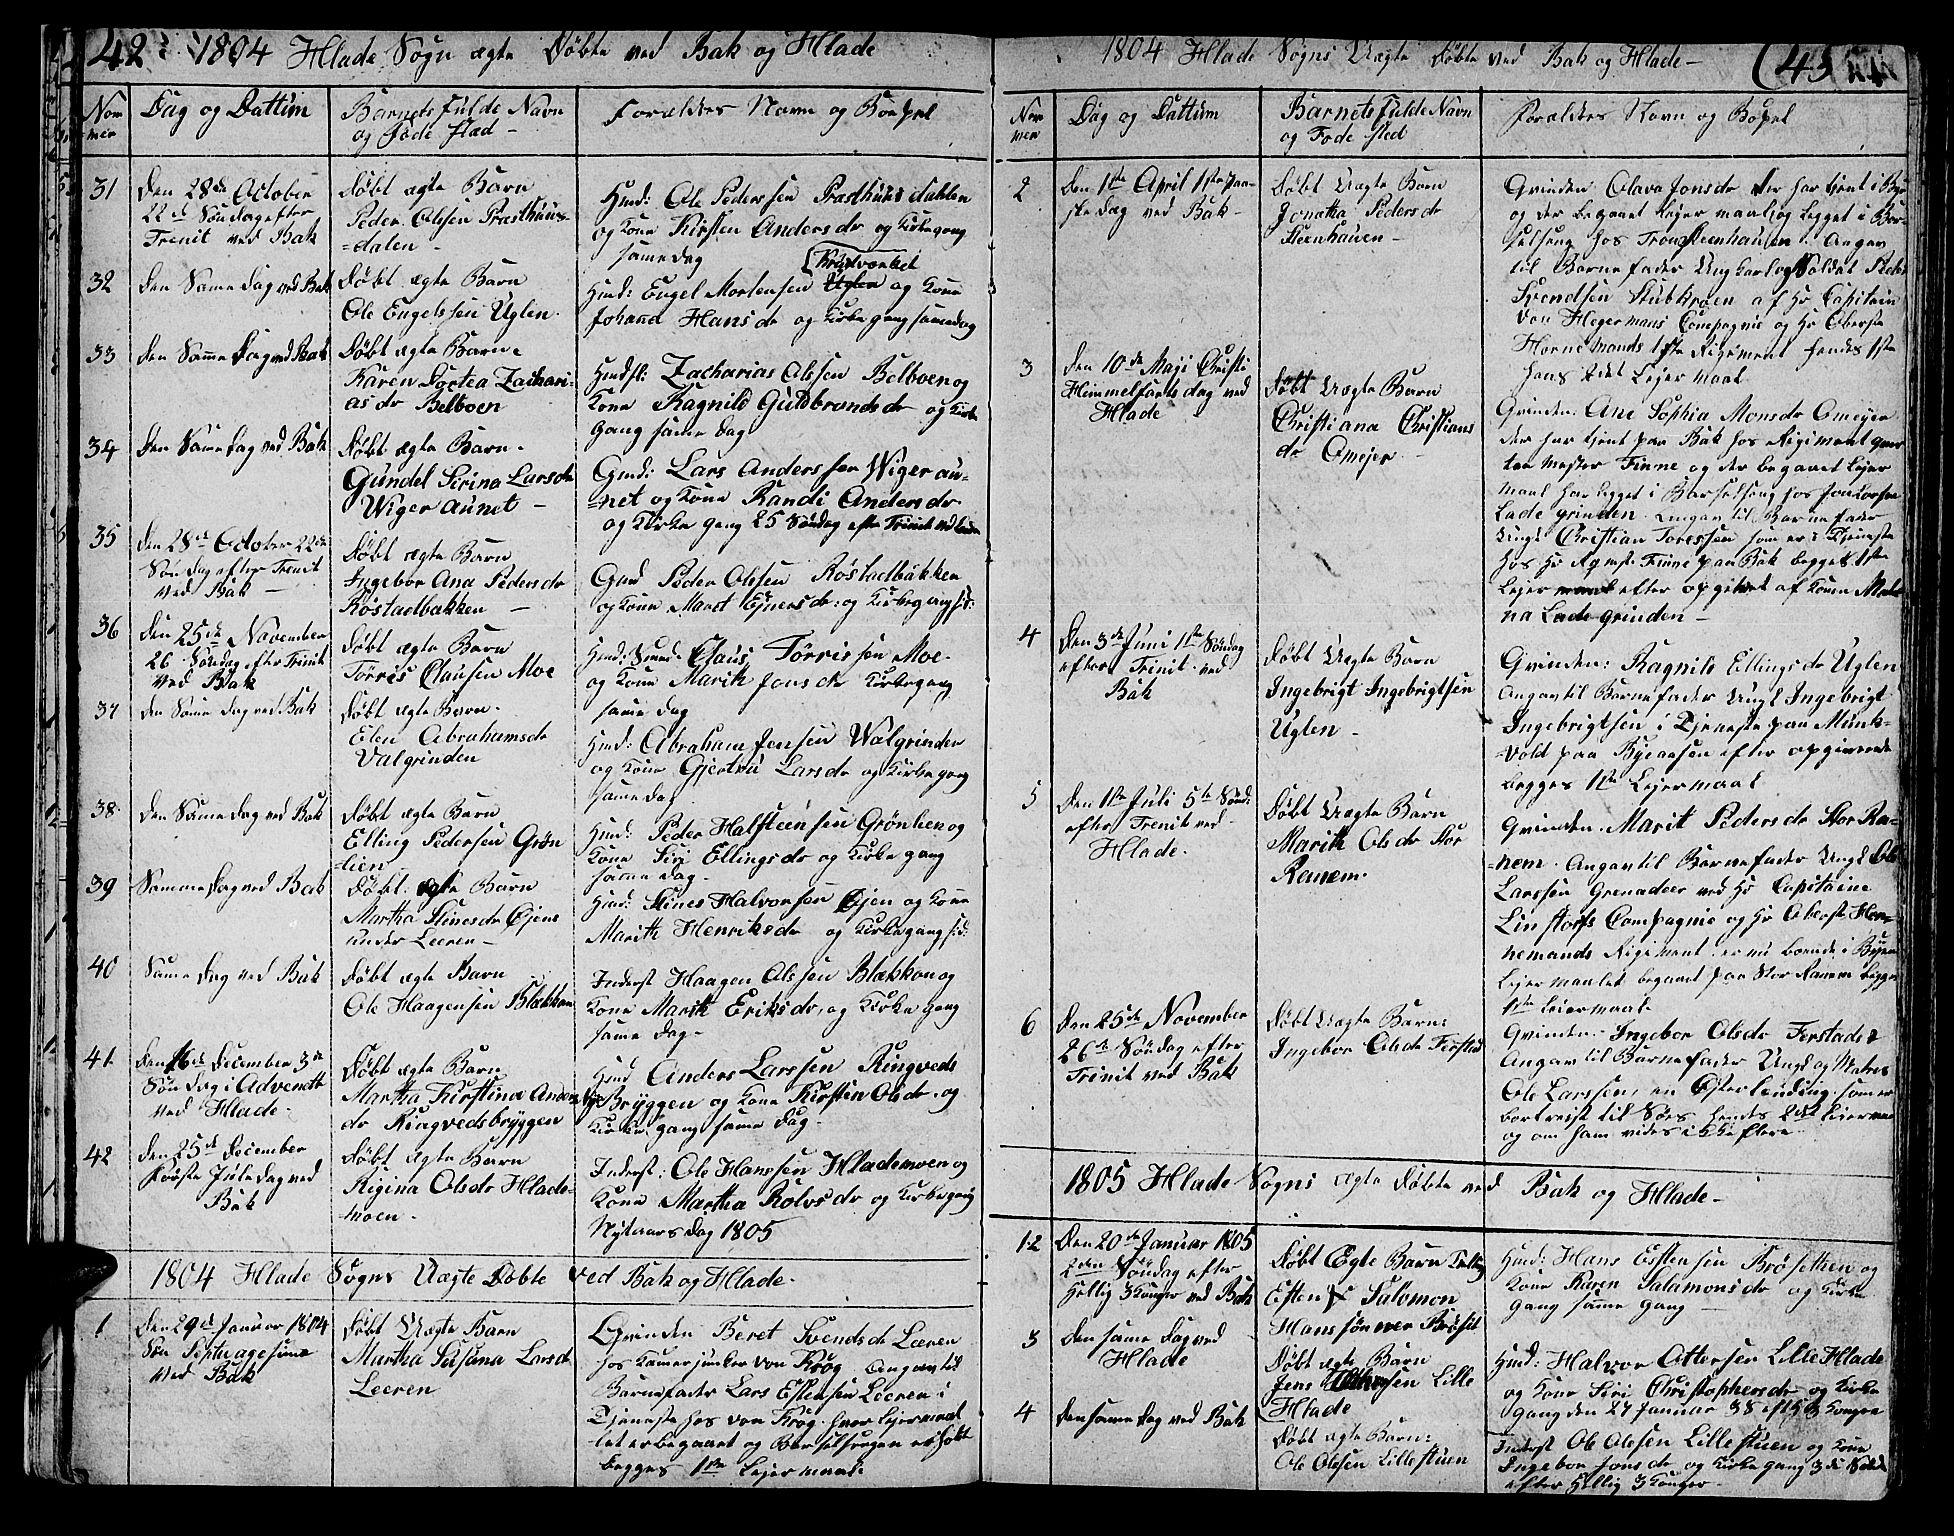 SAT, Ministerialprotokoller, klokkerbøker og fødselsregistre - Sør-Trøndelag, 606/L0306: Klokkerbok nr. 606C02, 1797-1829, s. 42-43